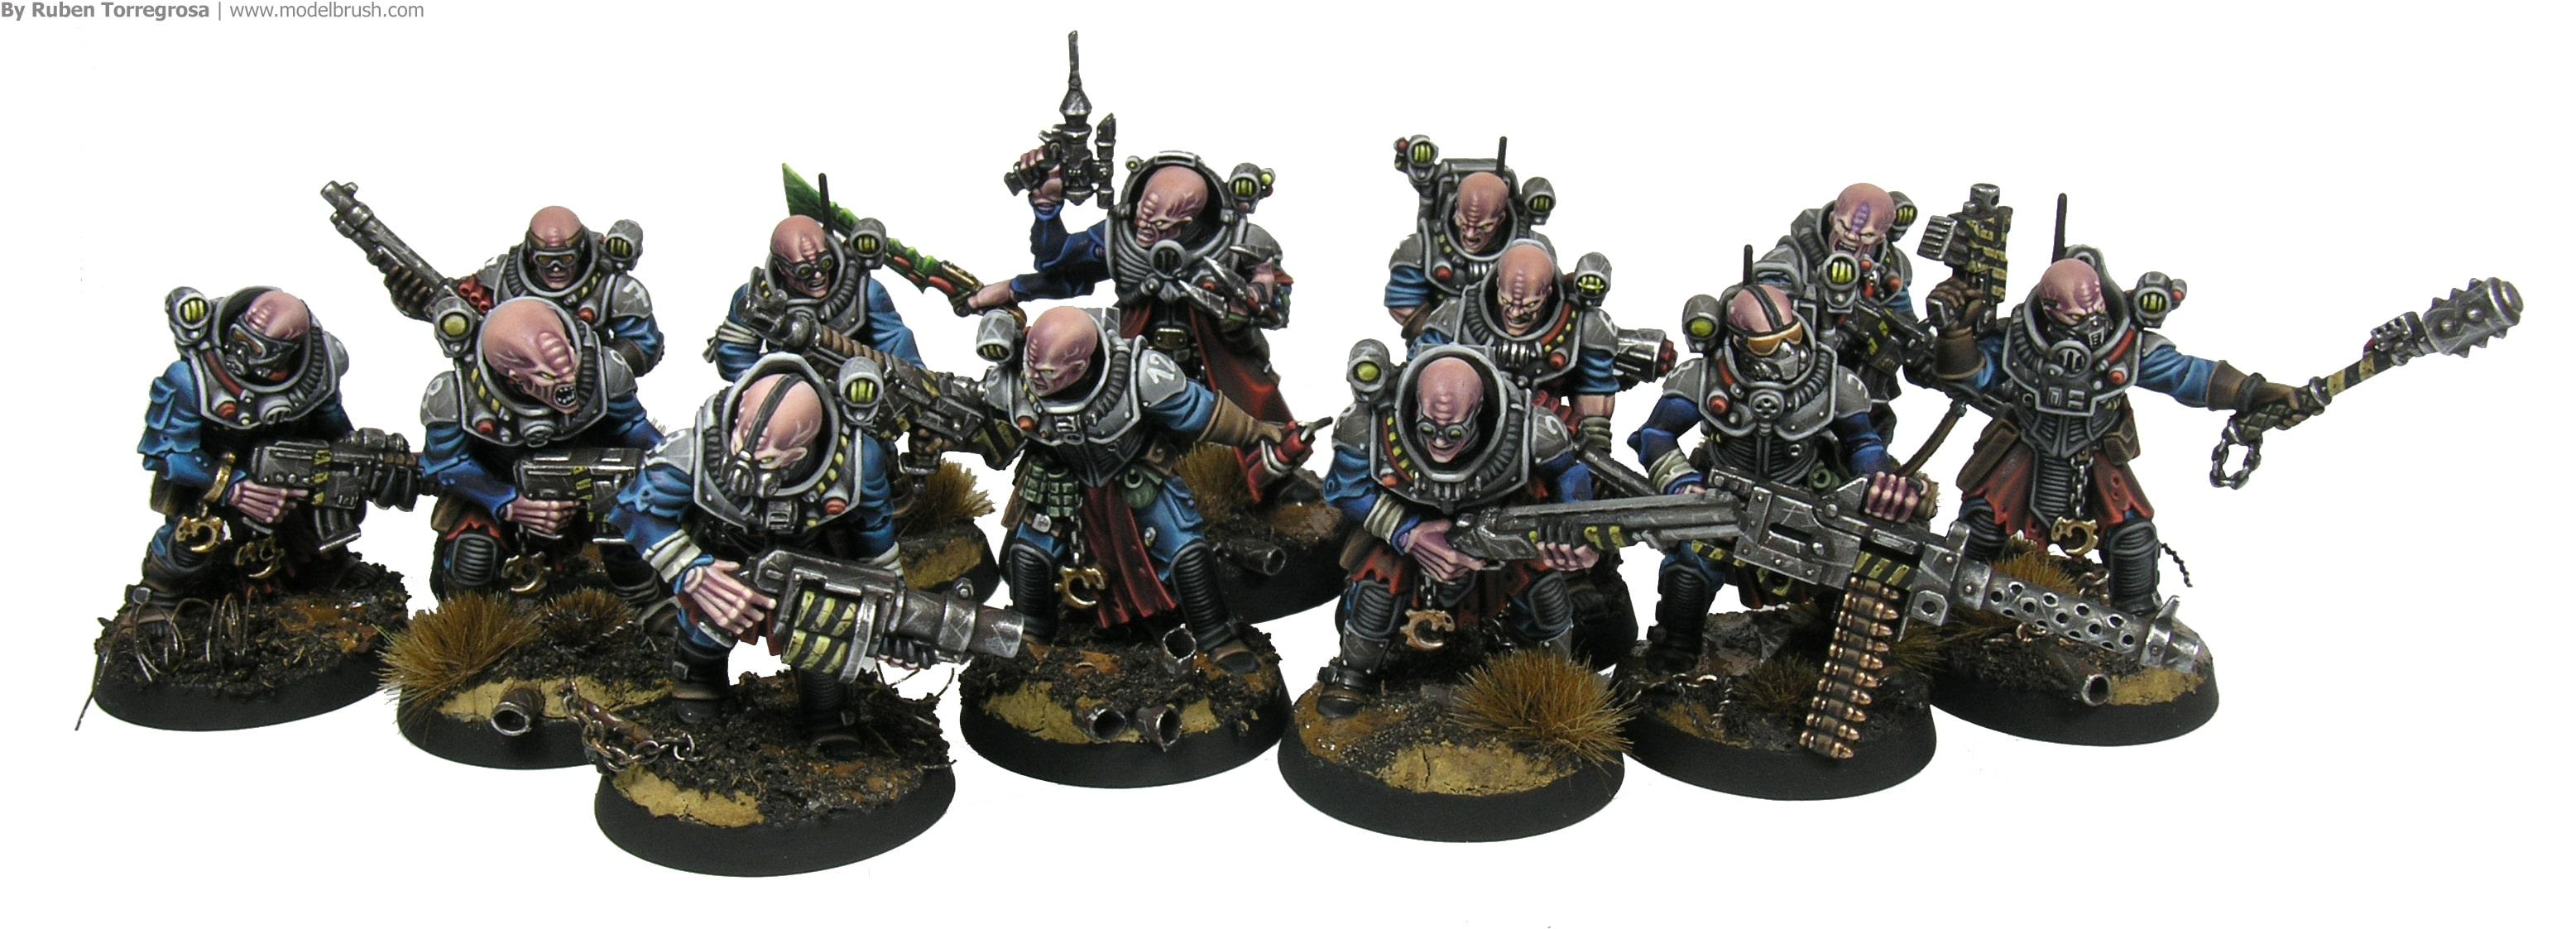 Culto Genestealer en warhammer 40000